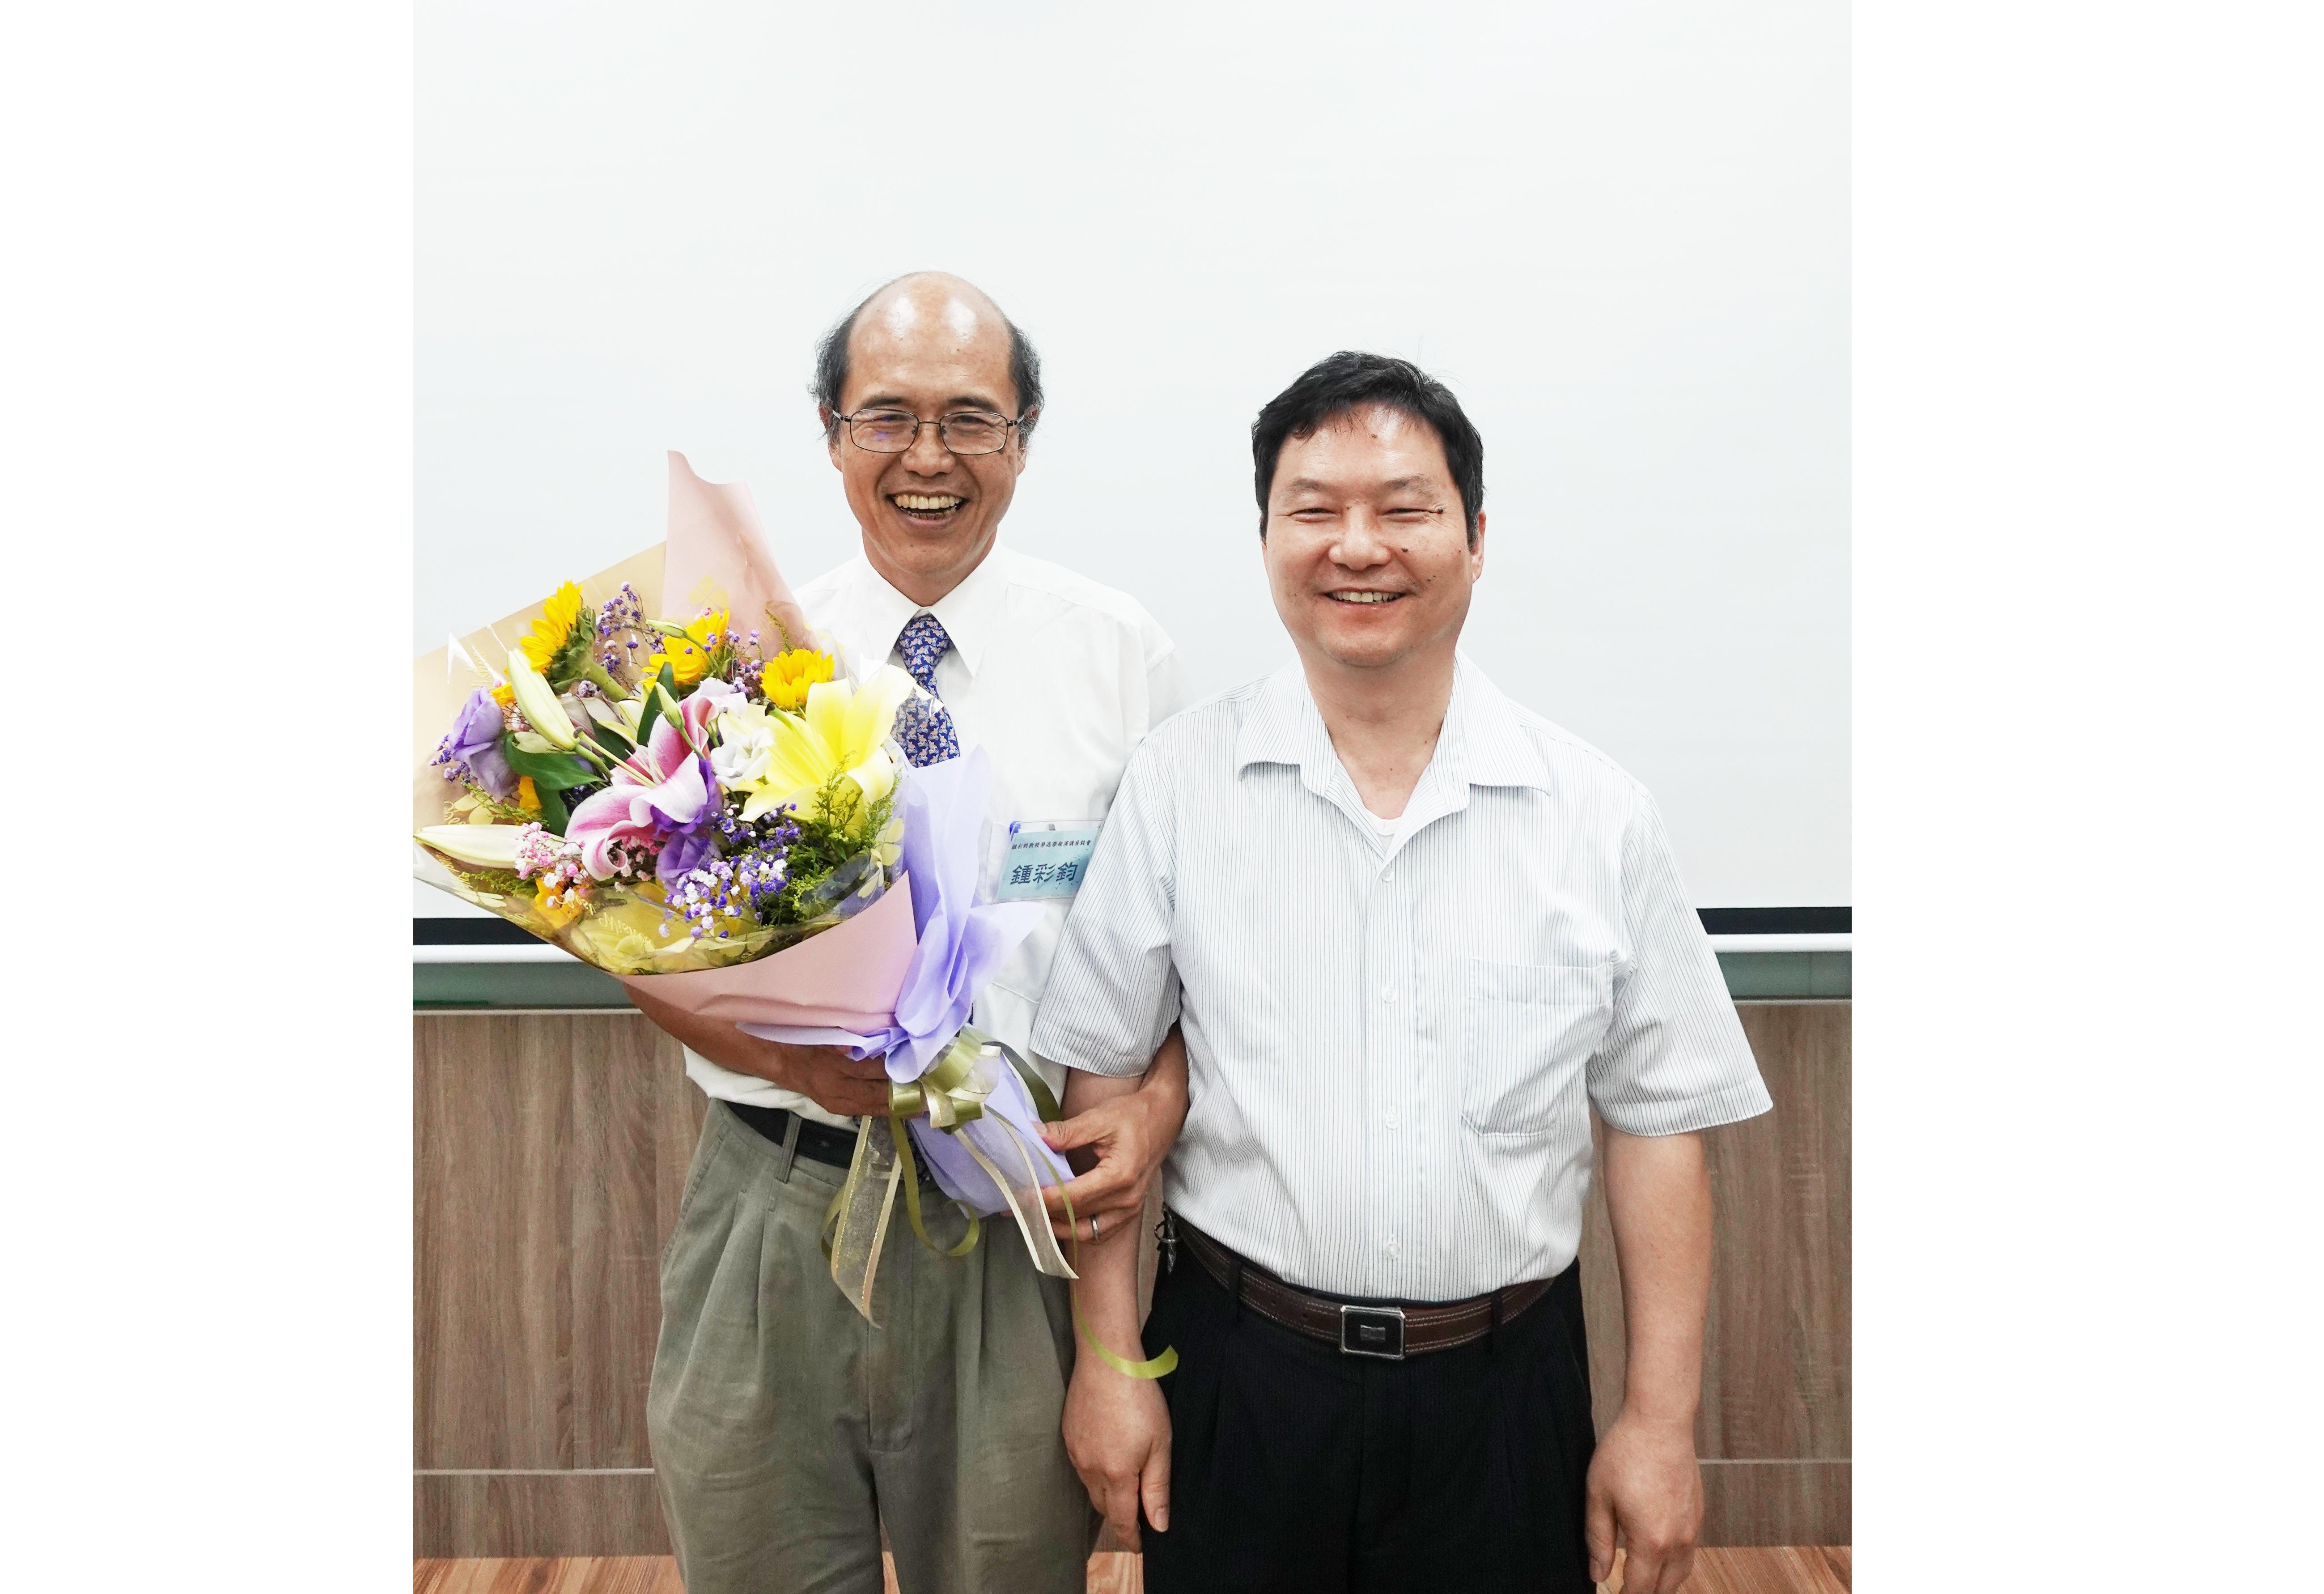 專訪鍾彩鈞教授